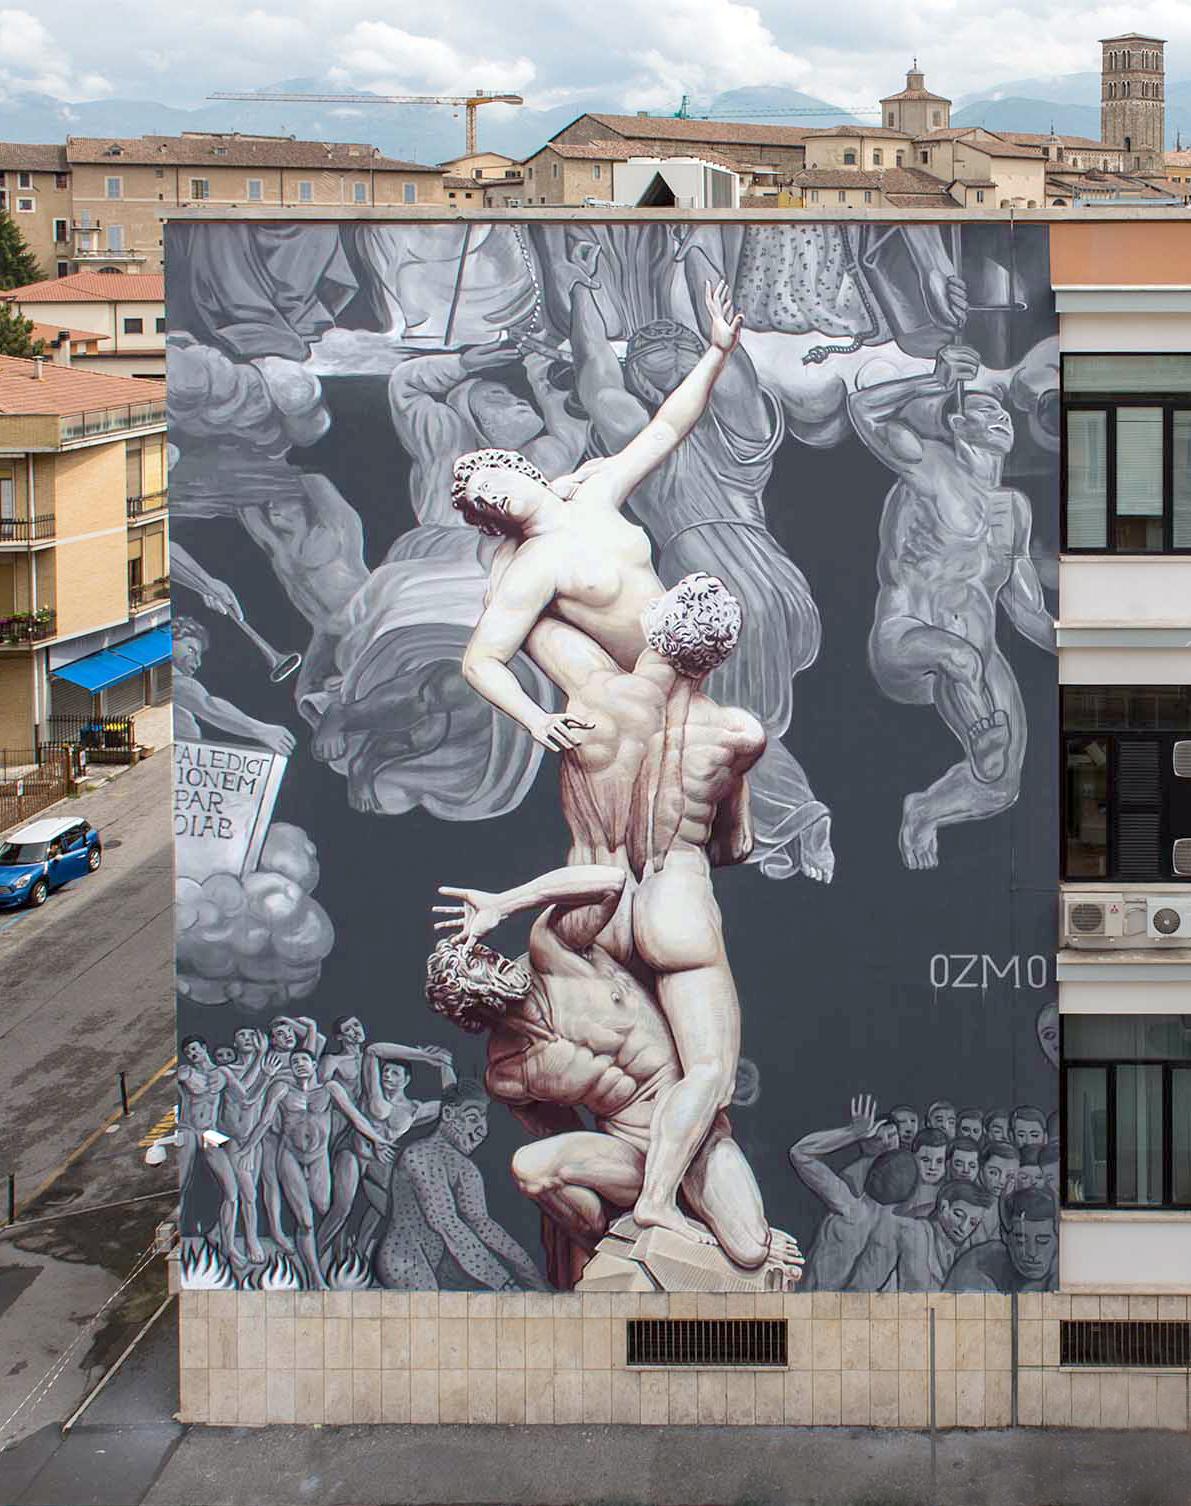 L'ineluttabilità del giudizio secondo Ozmo. Rieti apre alla Street Art